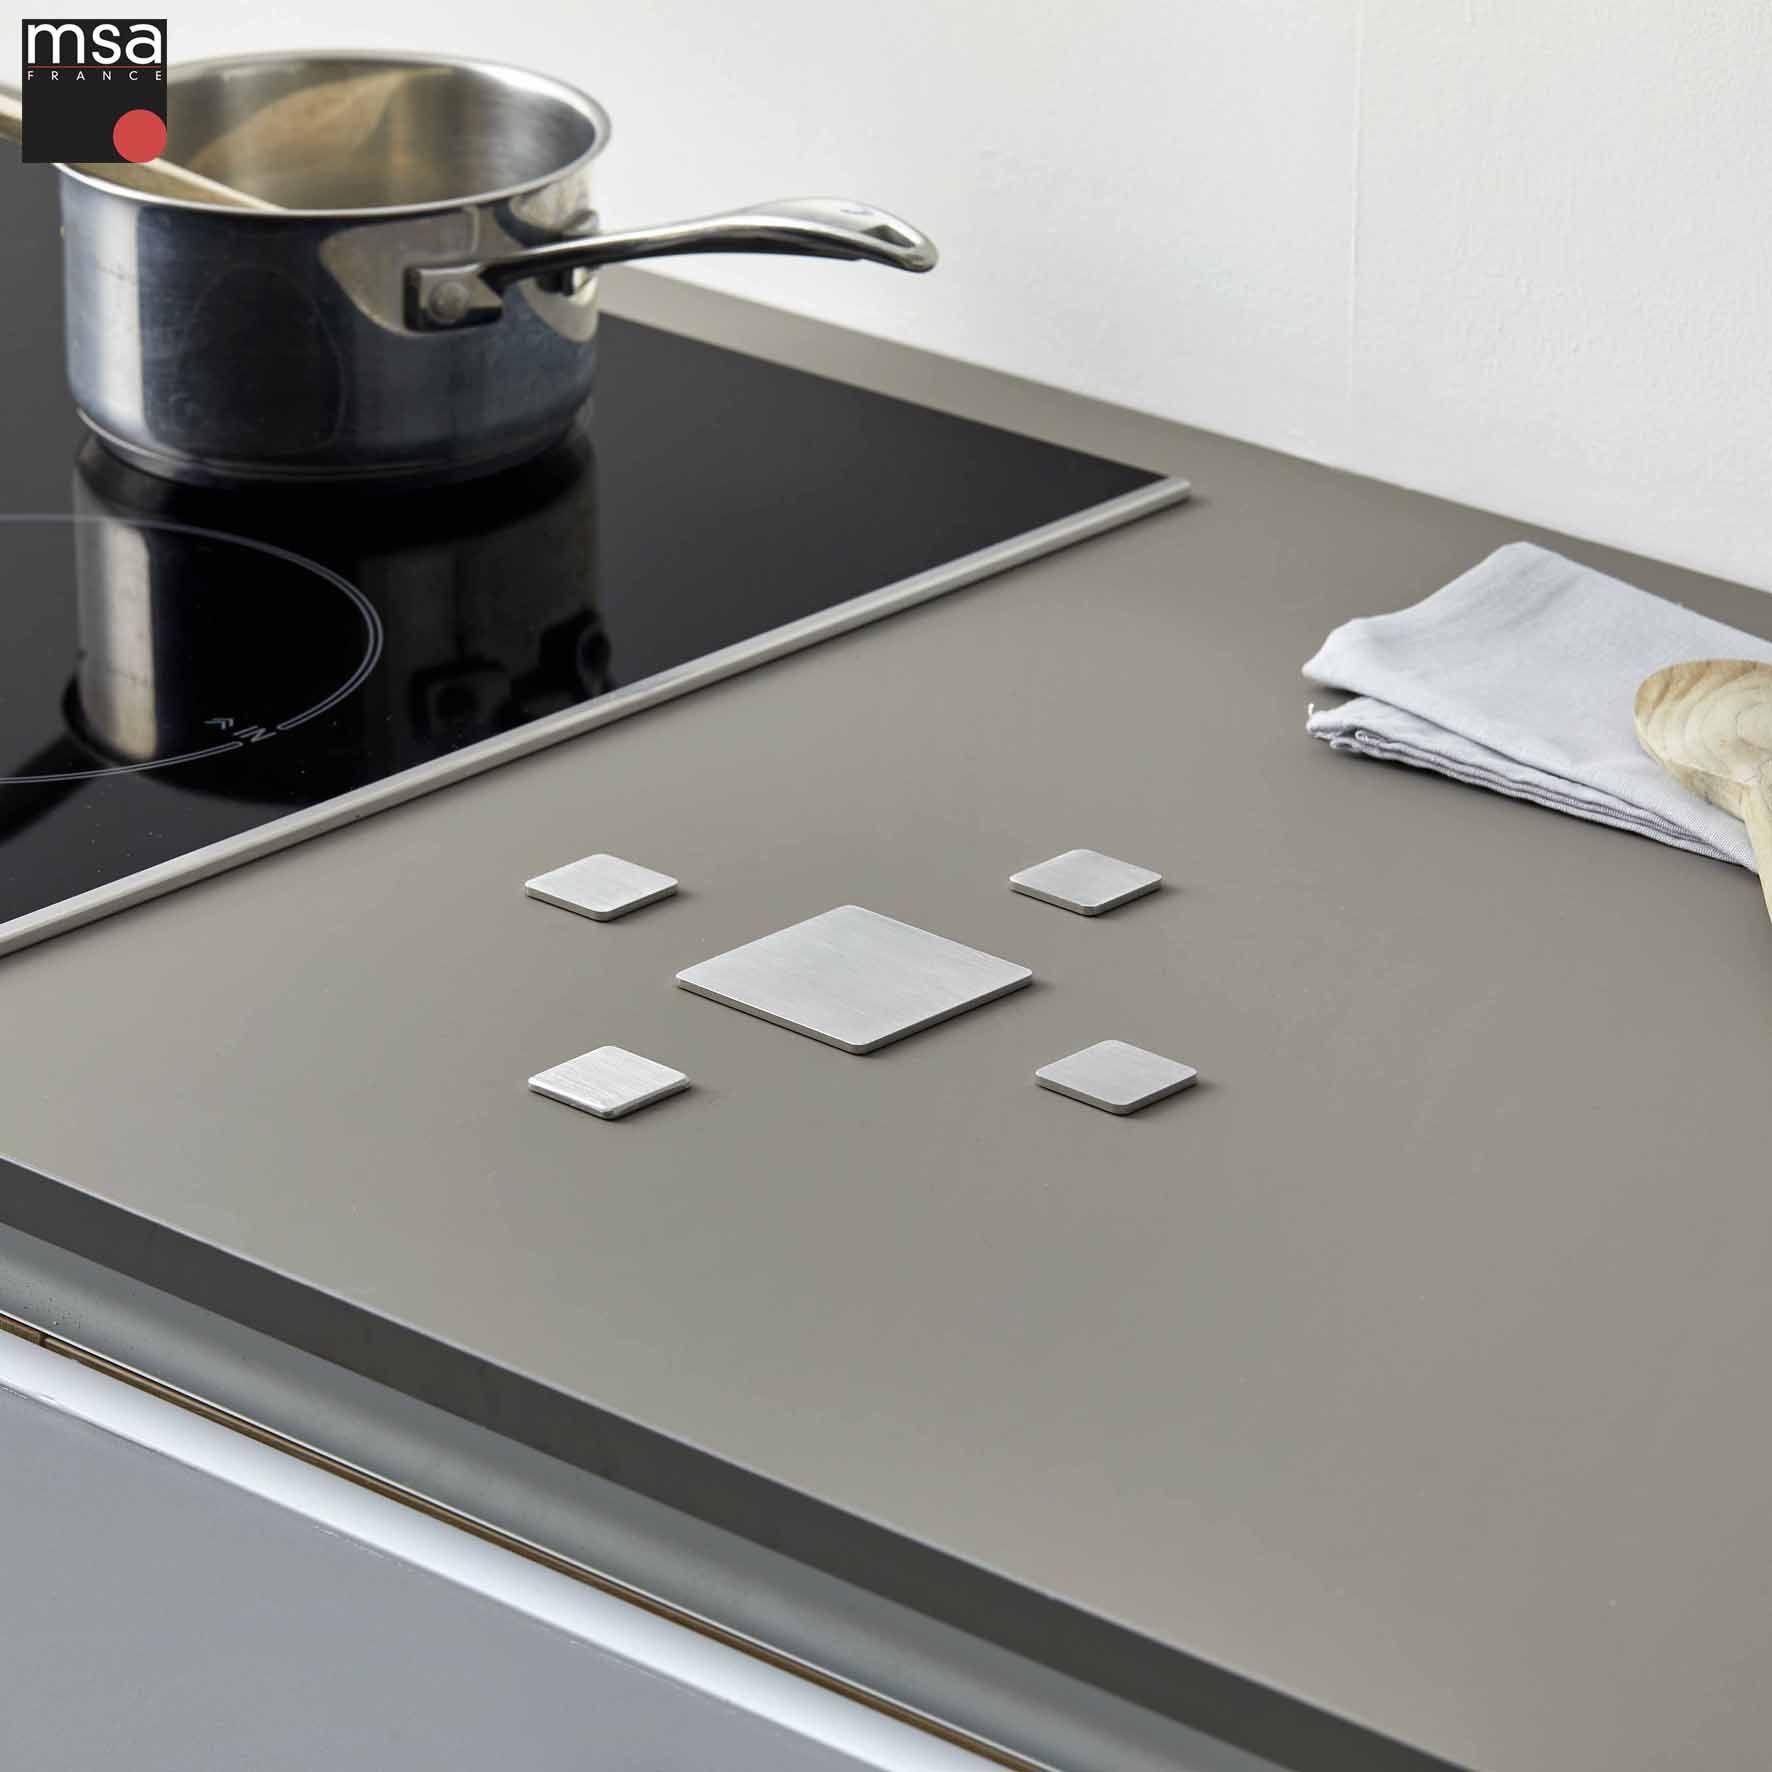 Hotte Sortant Du Plan De Travail repose-casserole inox brossé, 5 pièces carrées. pour reposer